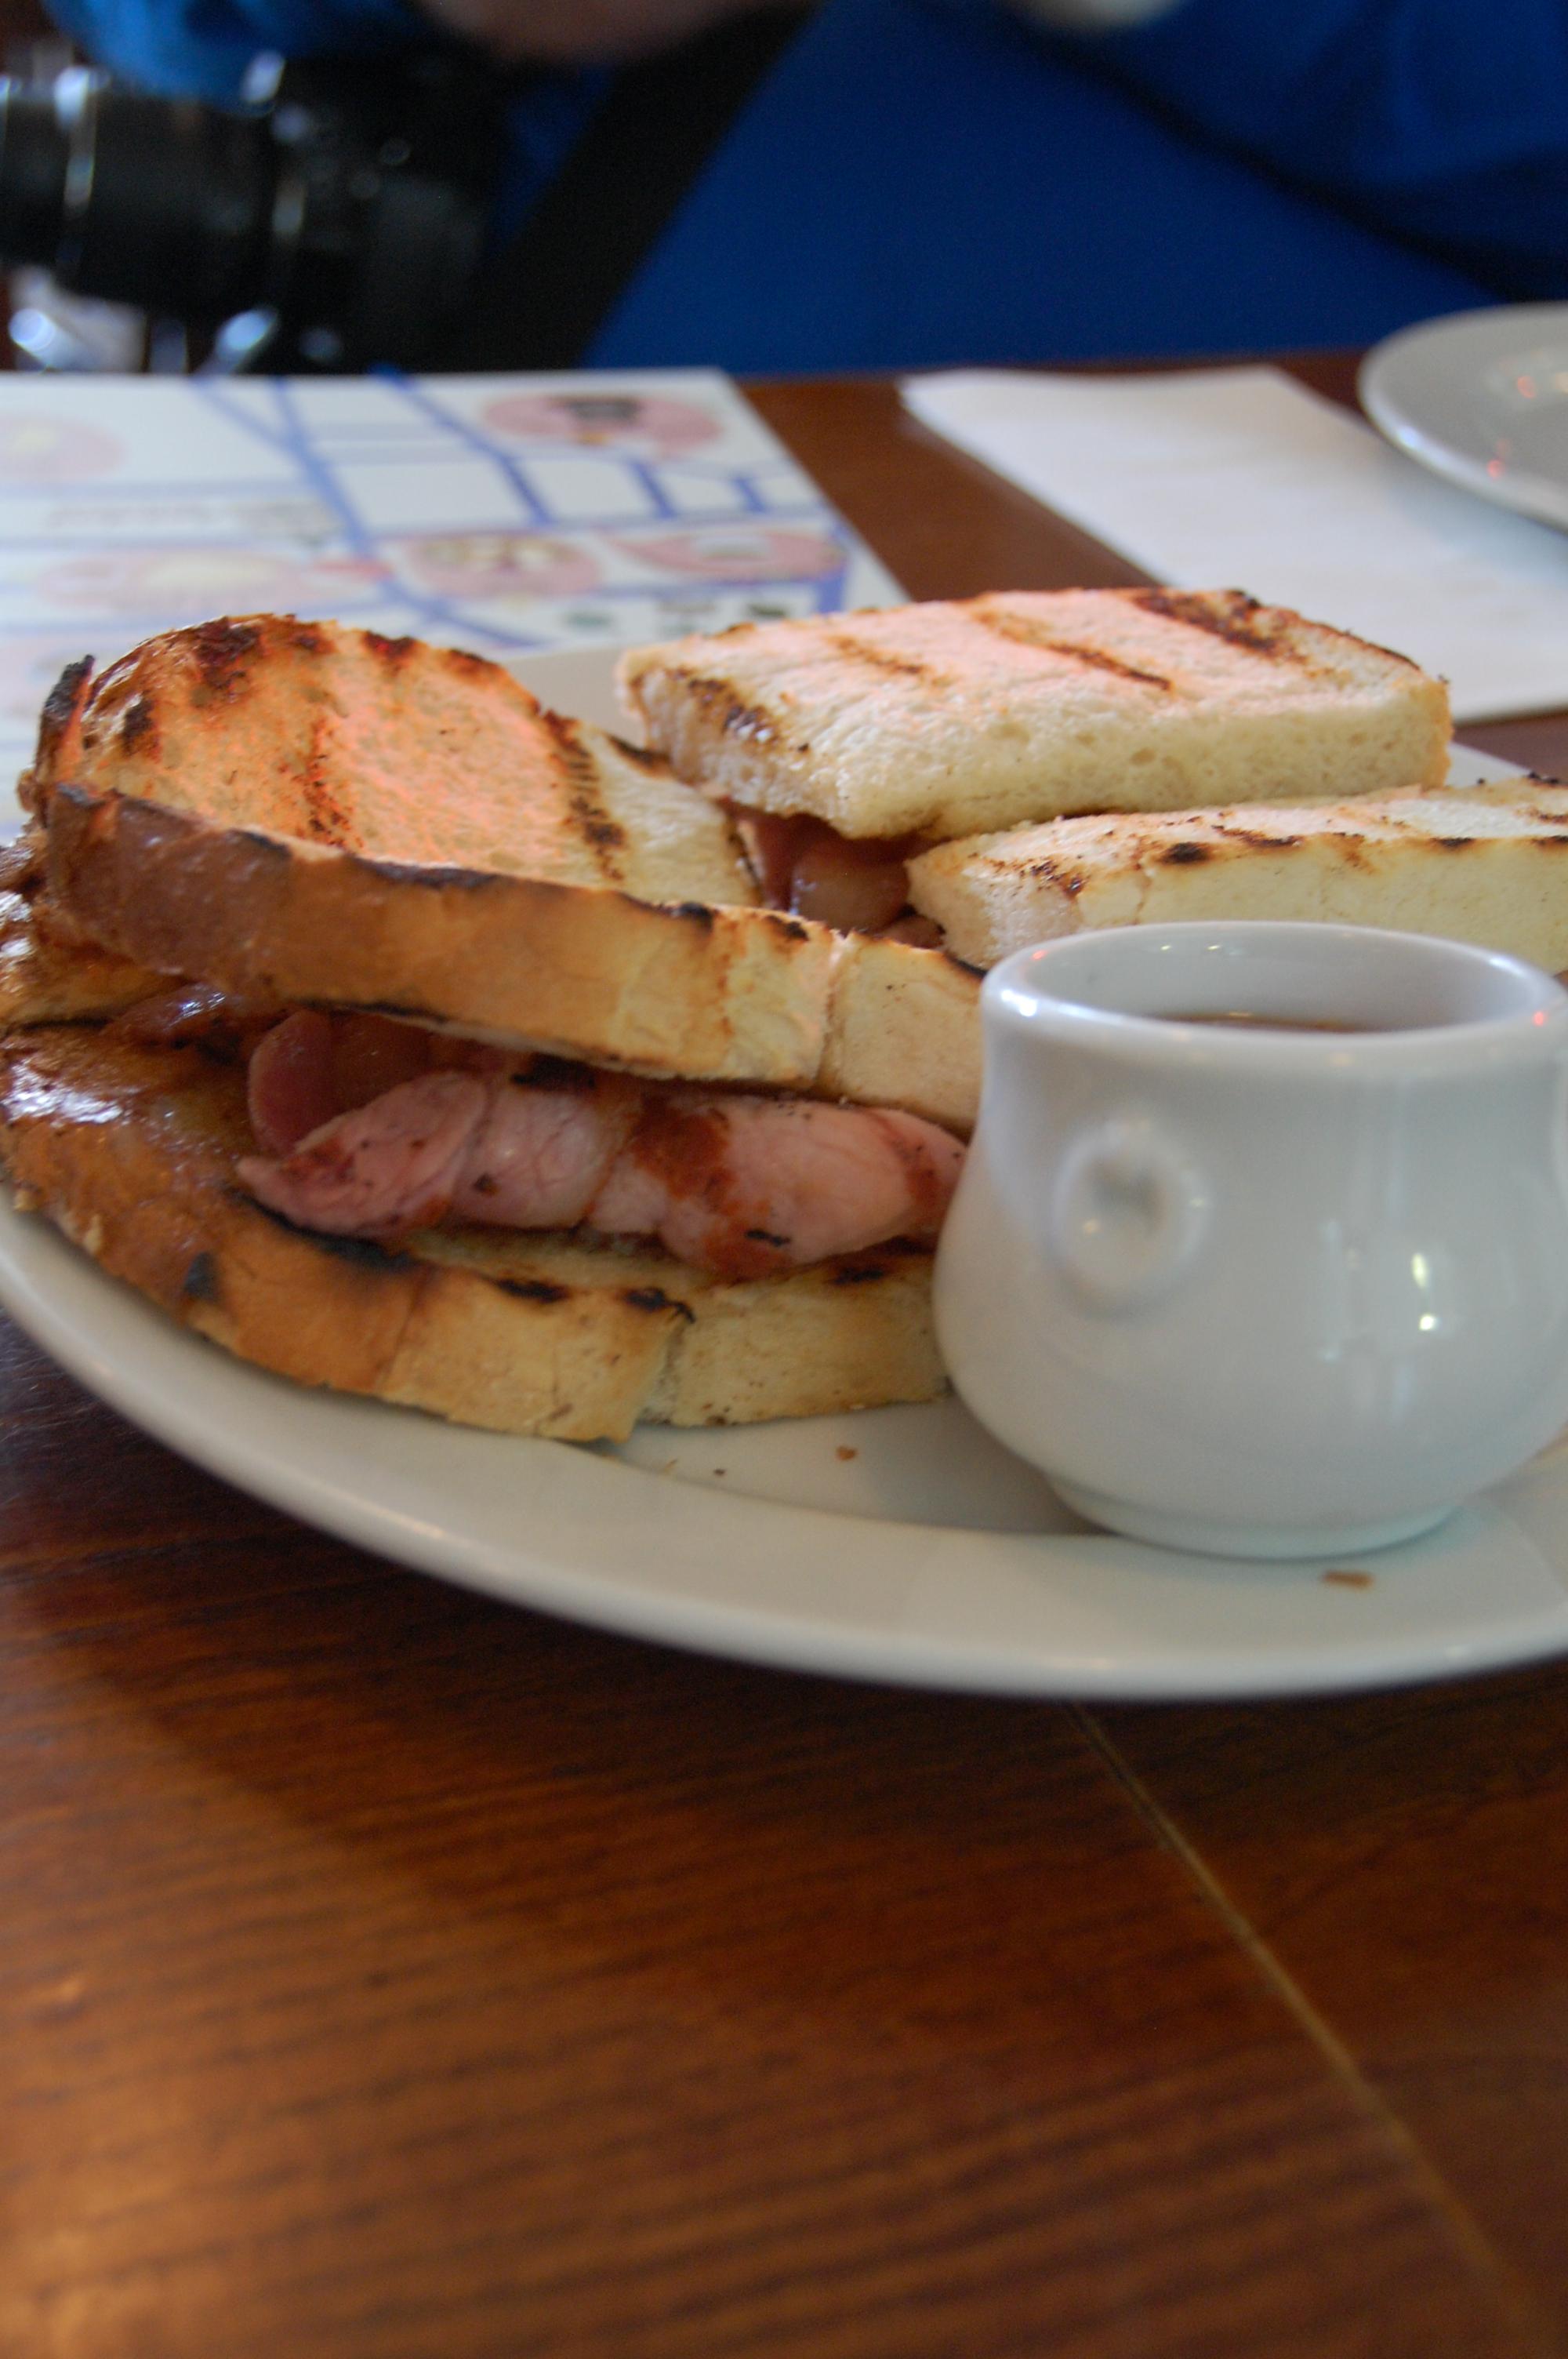 Bacon Sandwich at St. John Bread & Wine